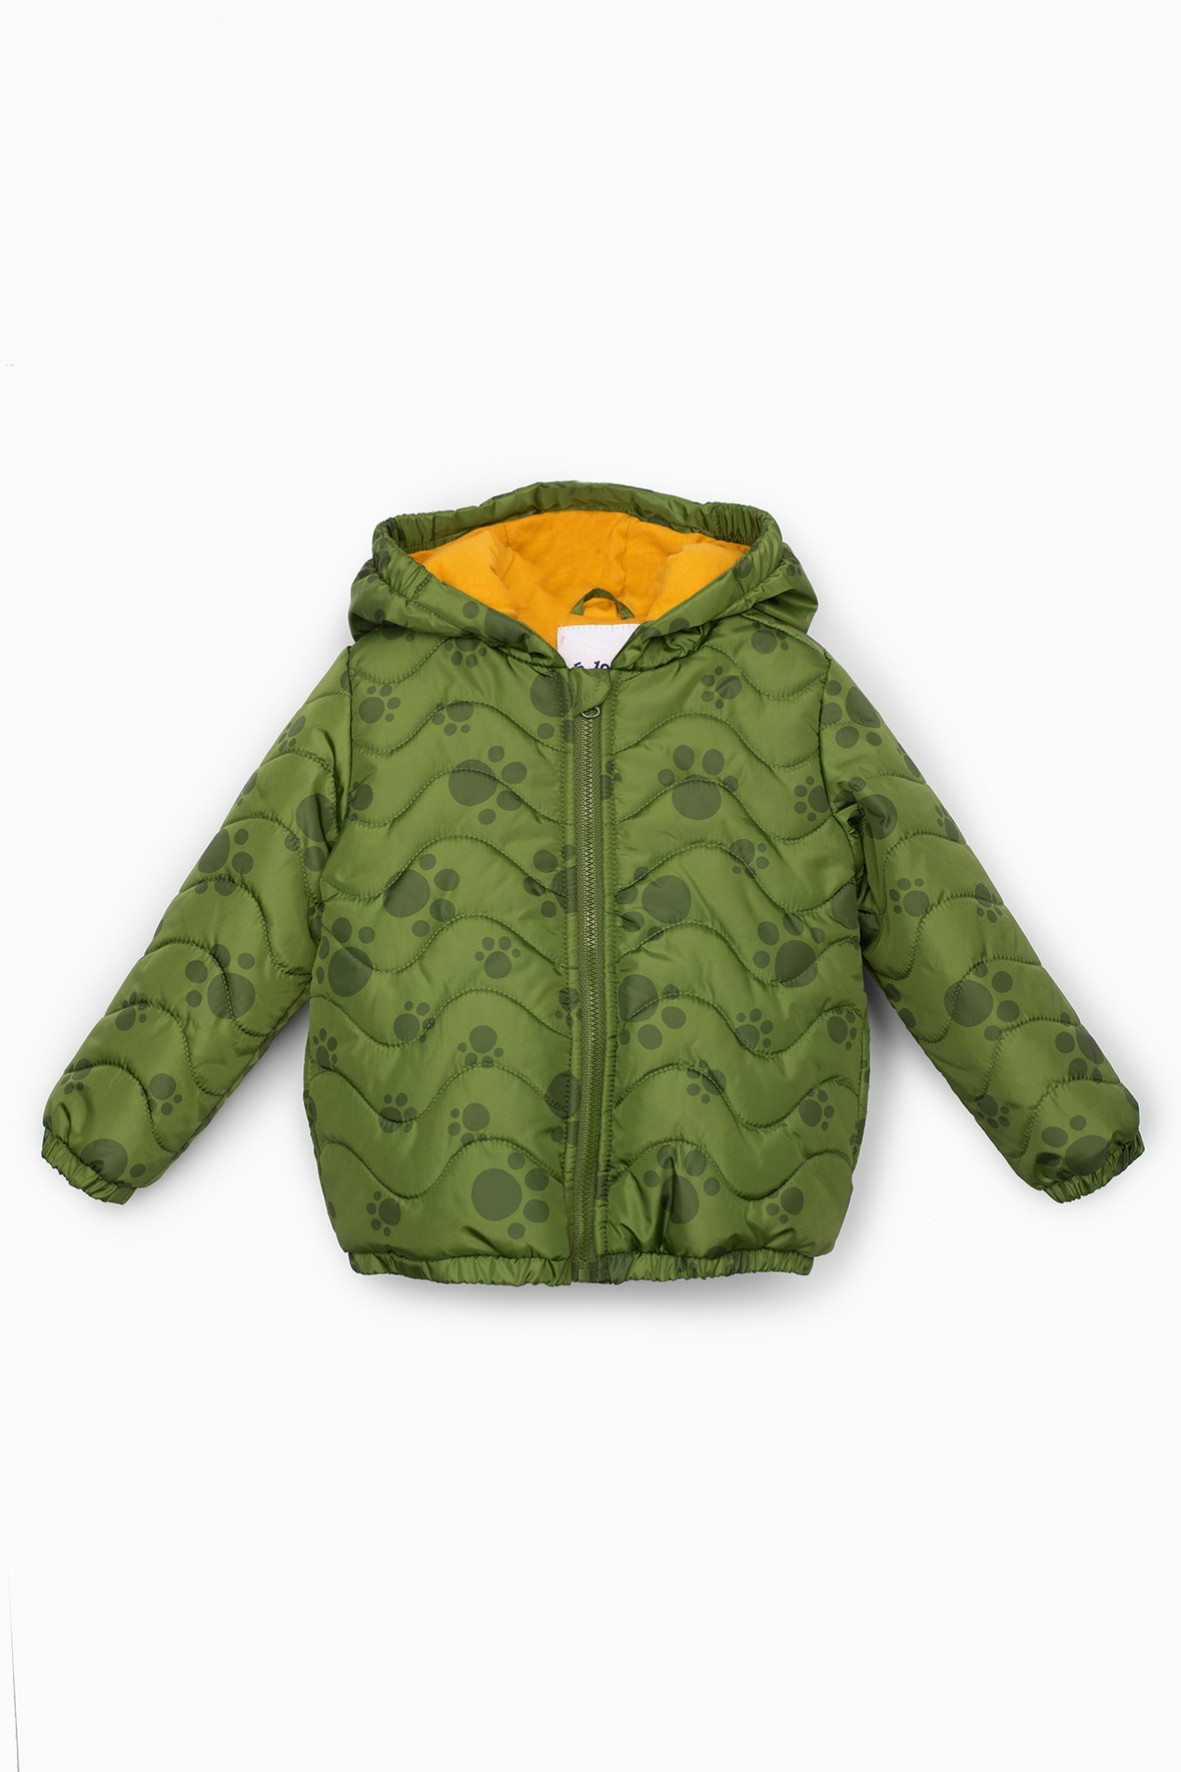 Kurtka przejściowa niemowlęca z kapturem w kolorze zielonym